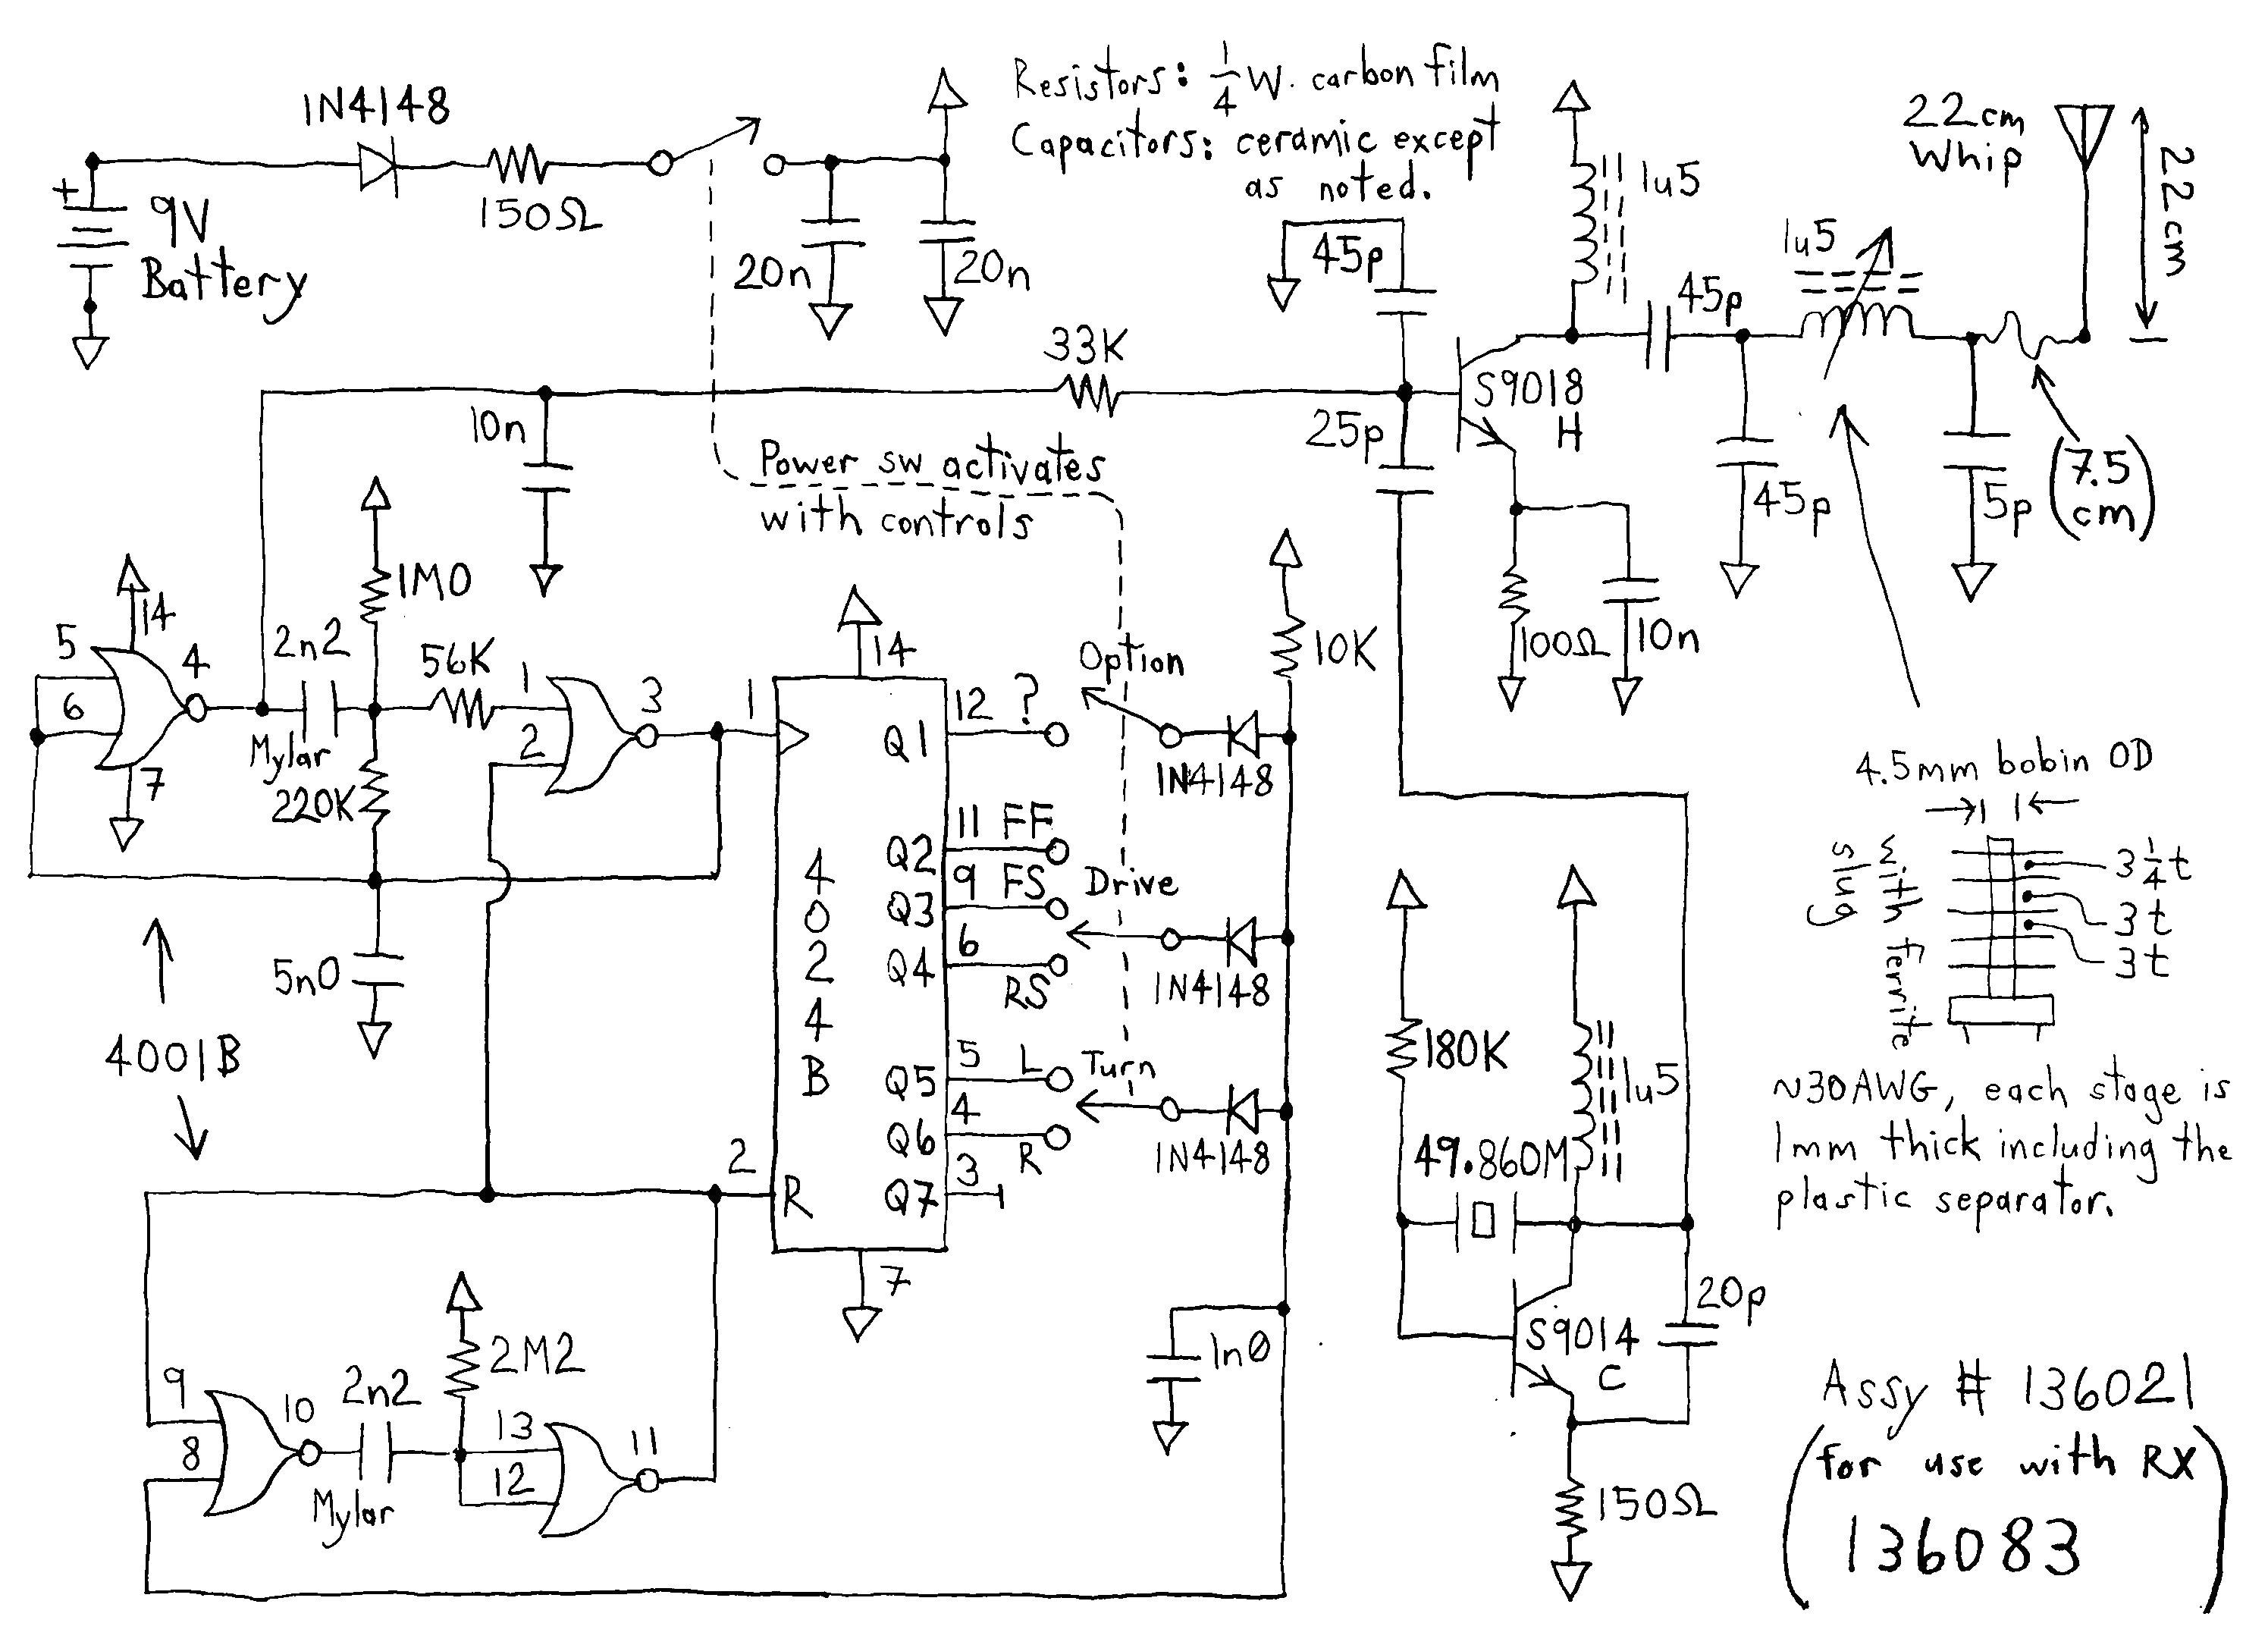 2004 Infiniti G35 Wiring Diagram Wiring Diagram Of Zen Car Wiring Diagram Name